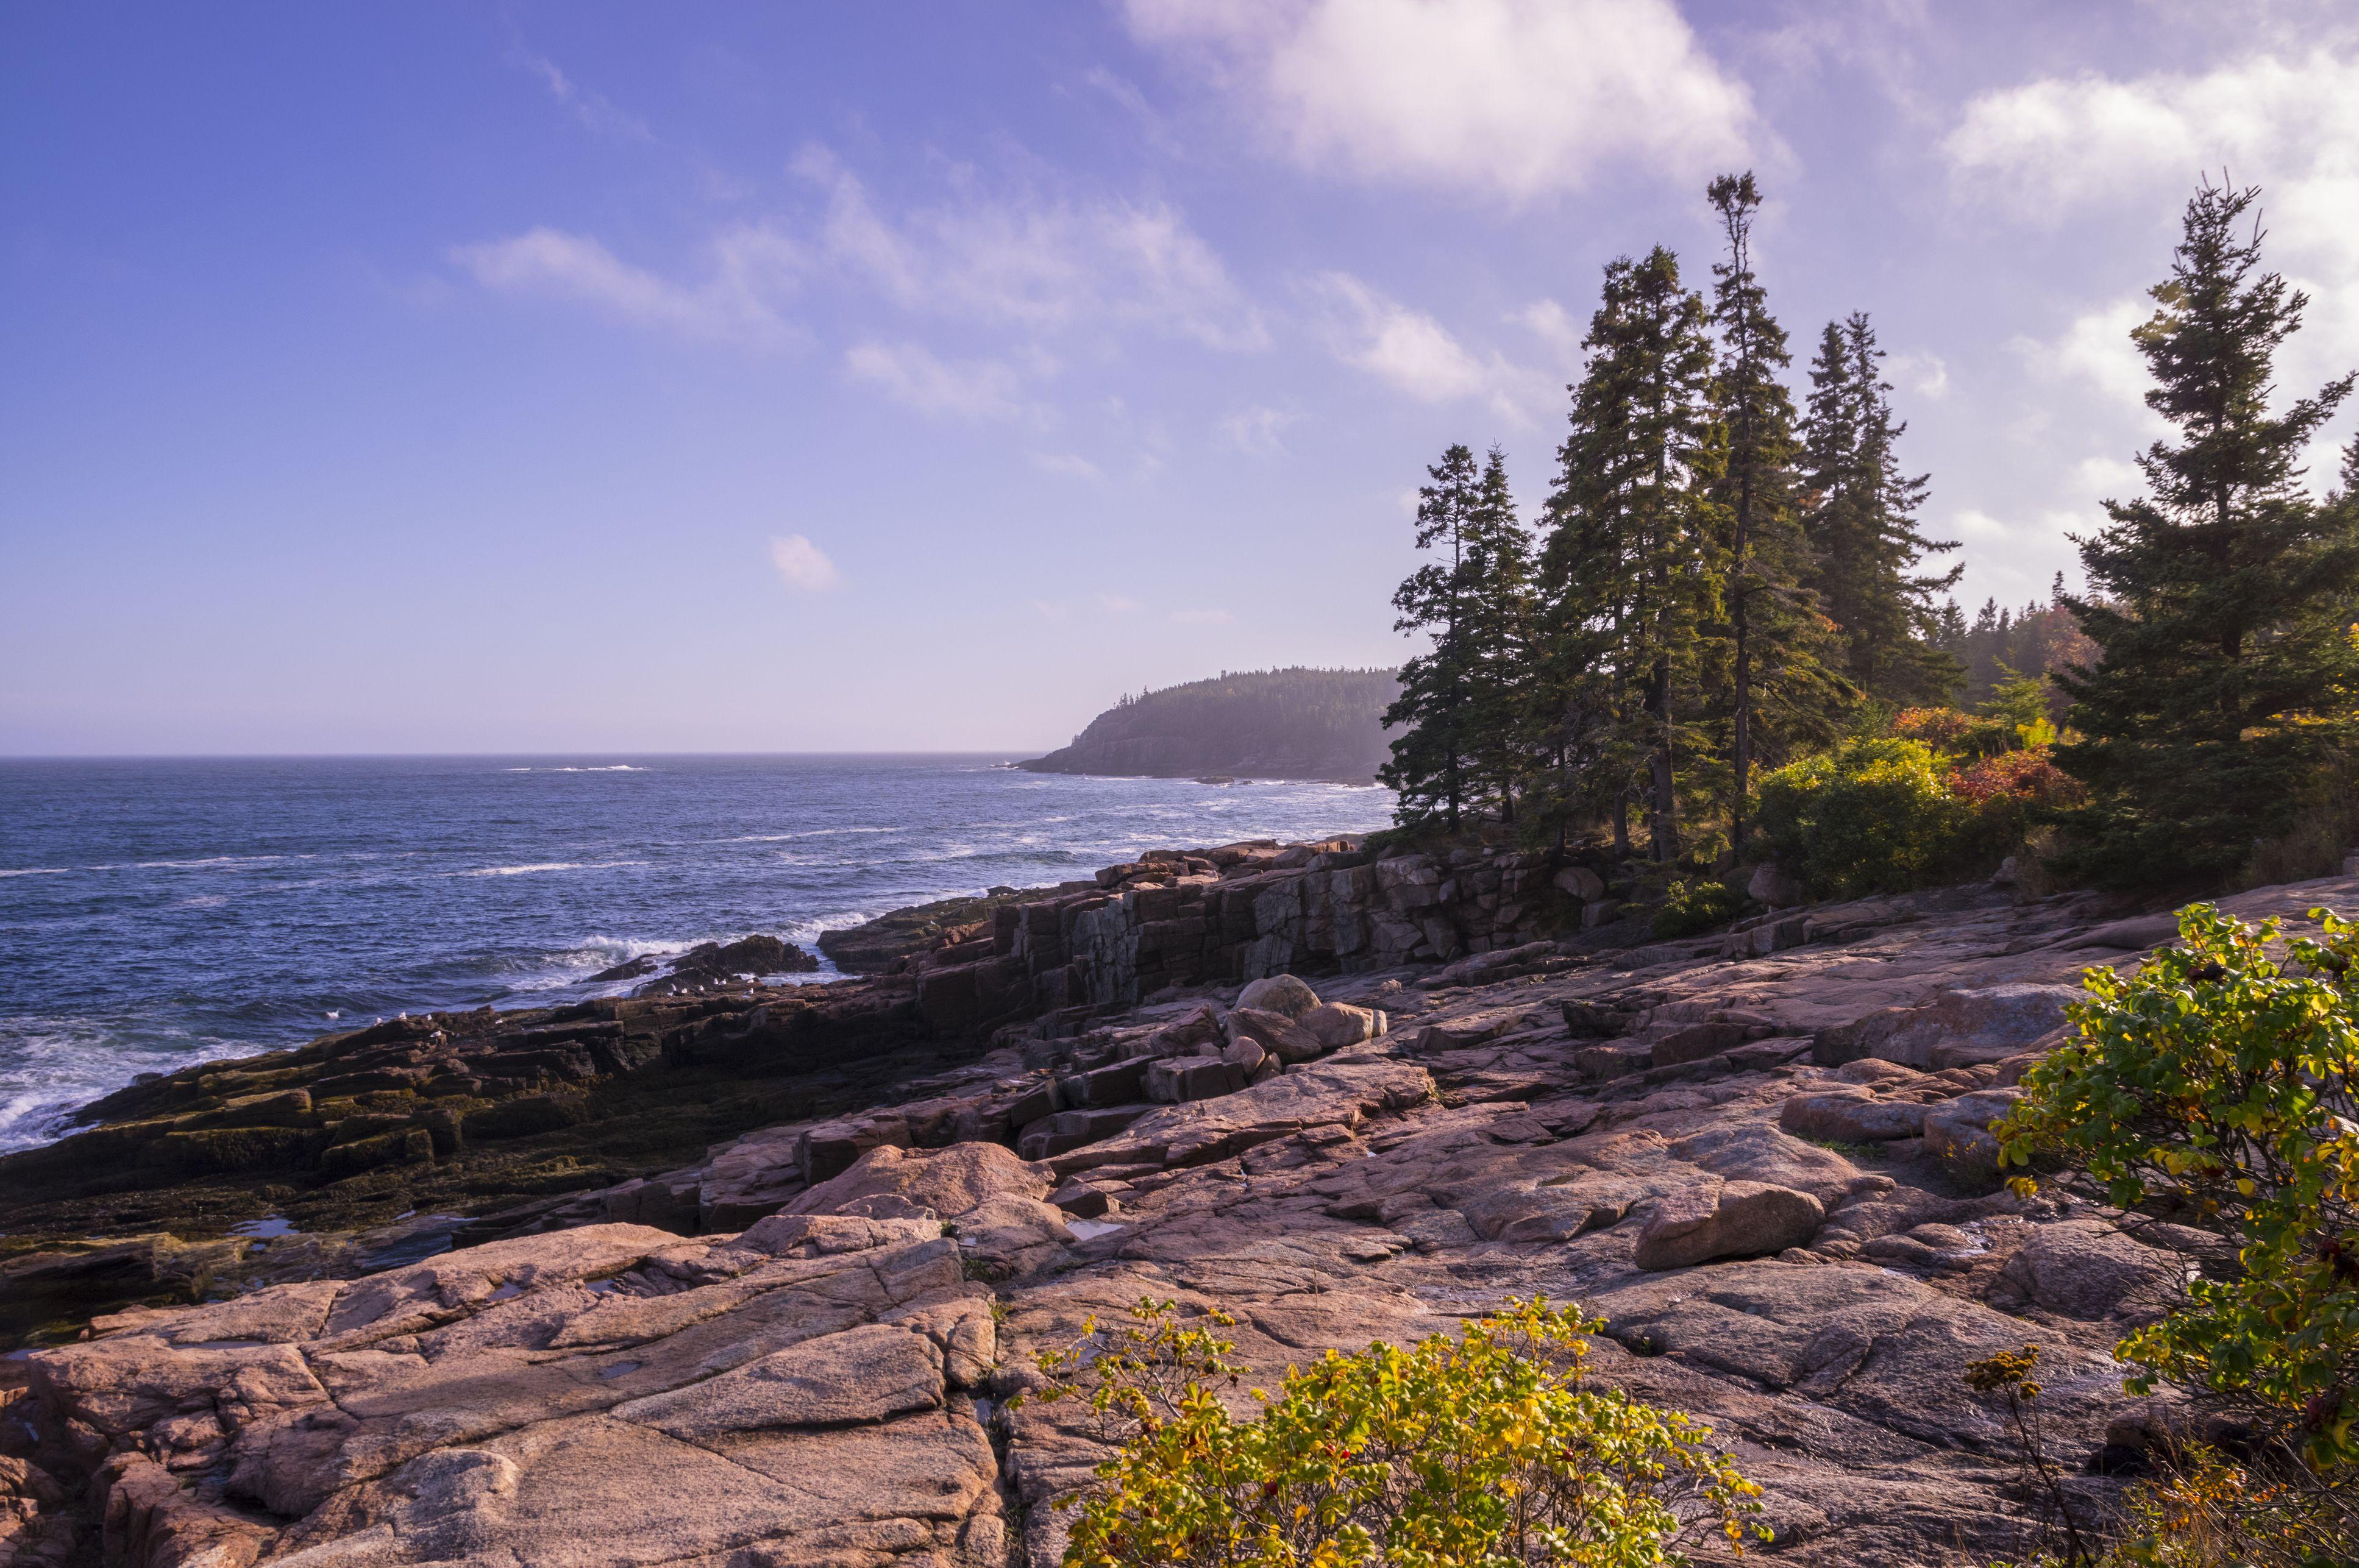 Parque nacional Acadia Loop Road View